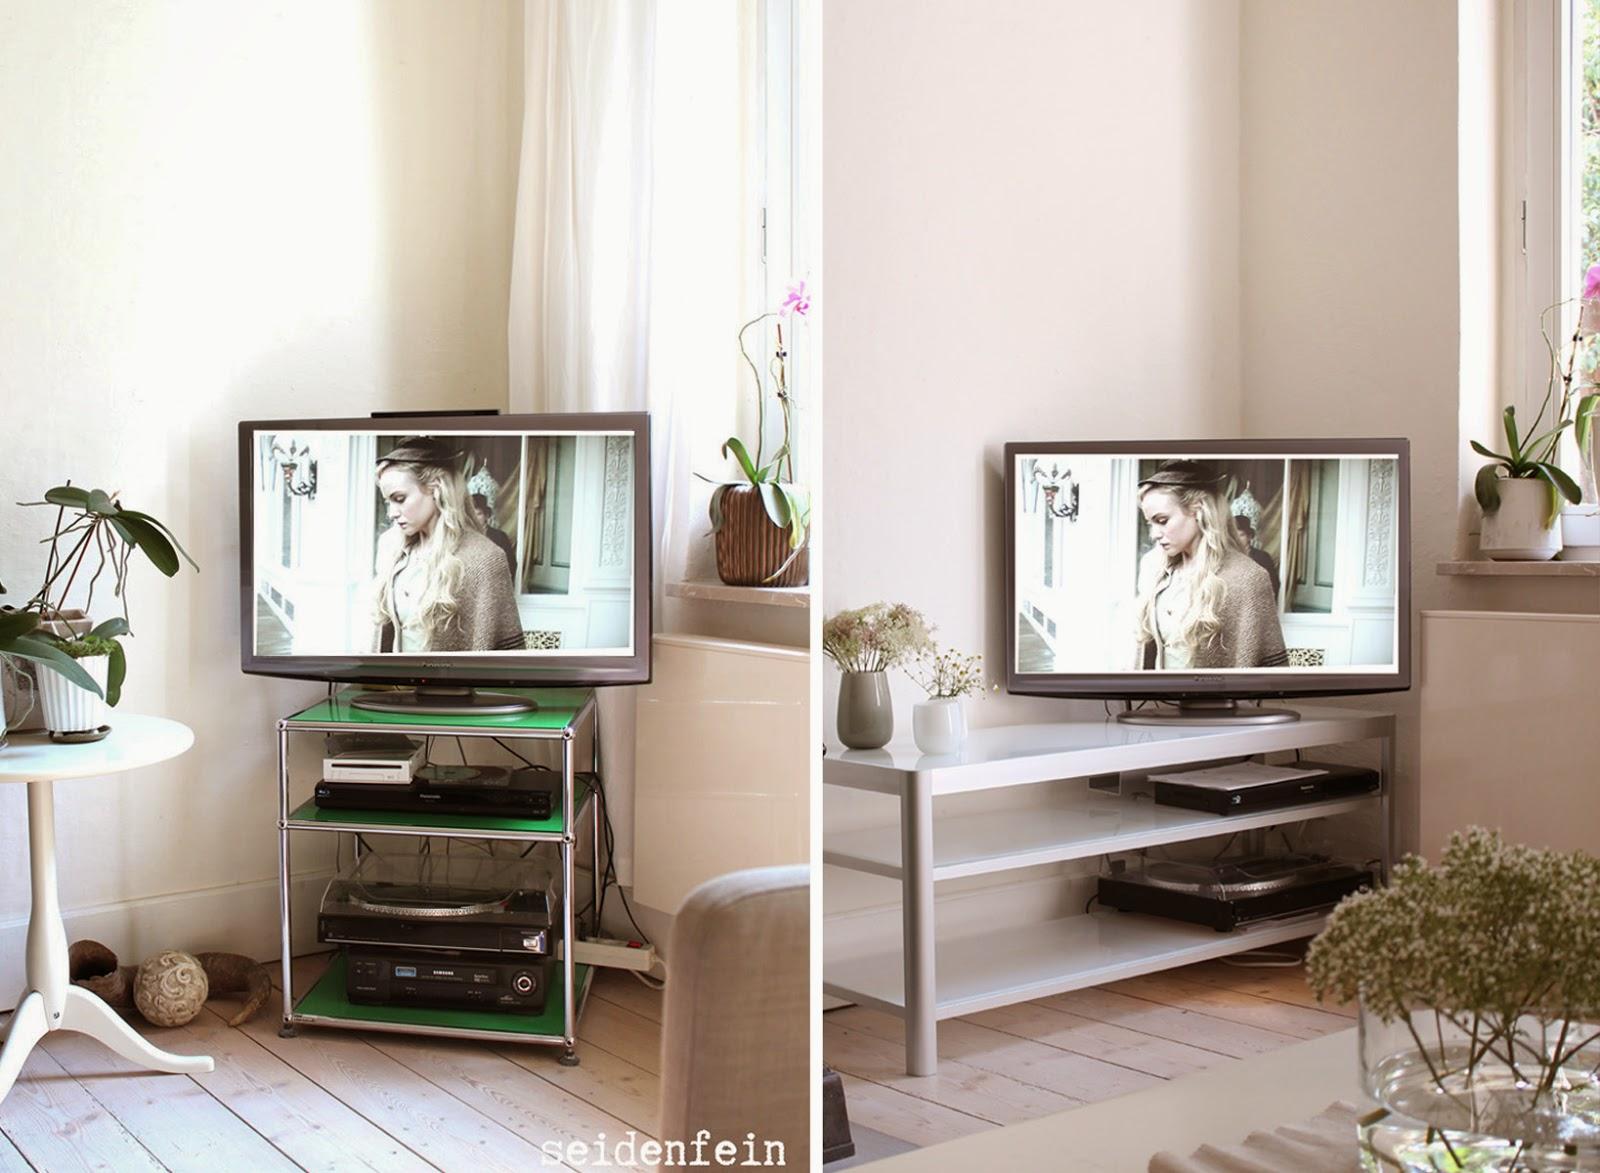 seidenfeins Blog vom schönen Landleben: freh up ! IKEA Gettorp TV ...